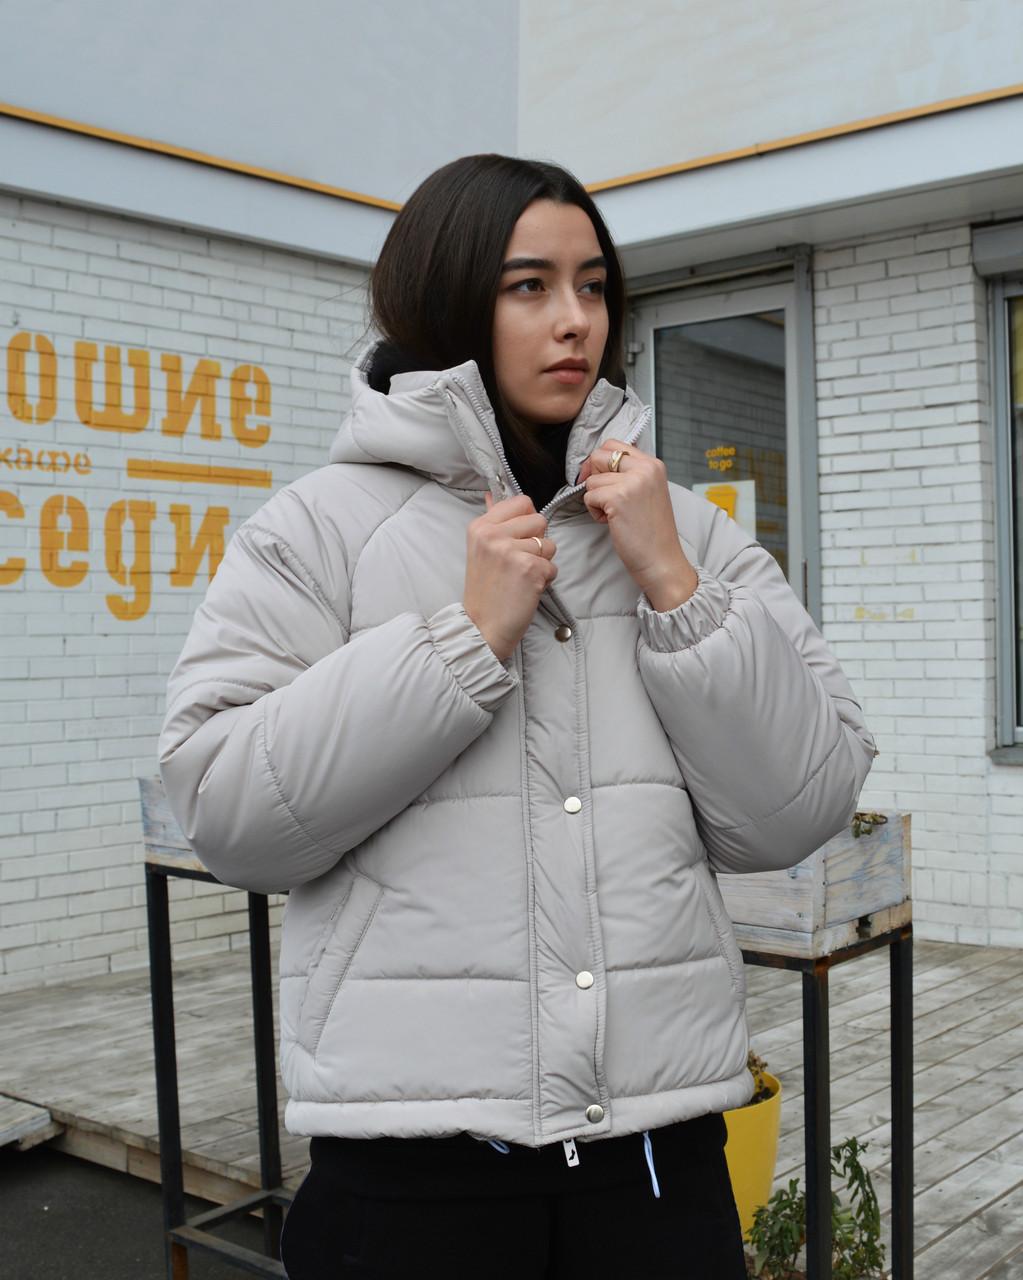 Куртка женская оверсайз серая от бренда ТУР модель Сара